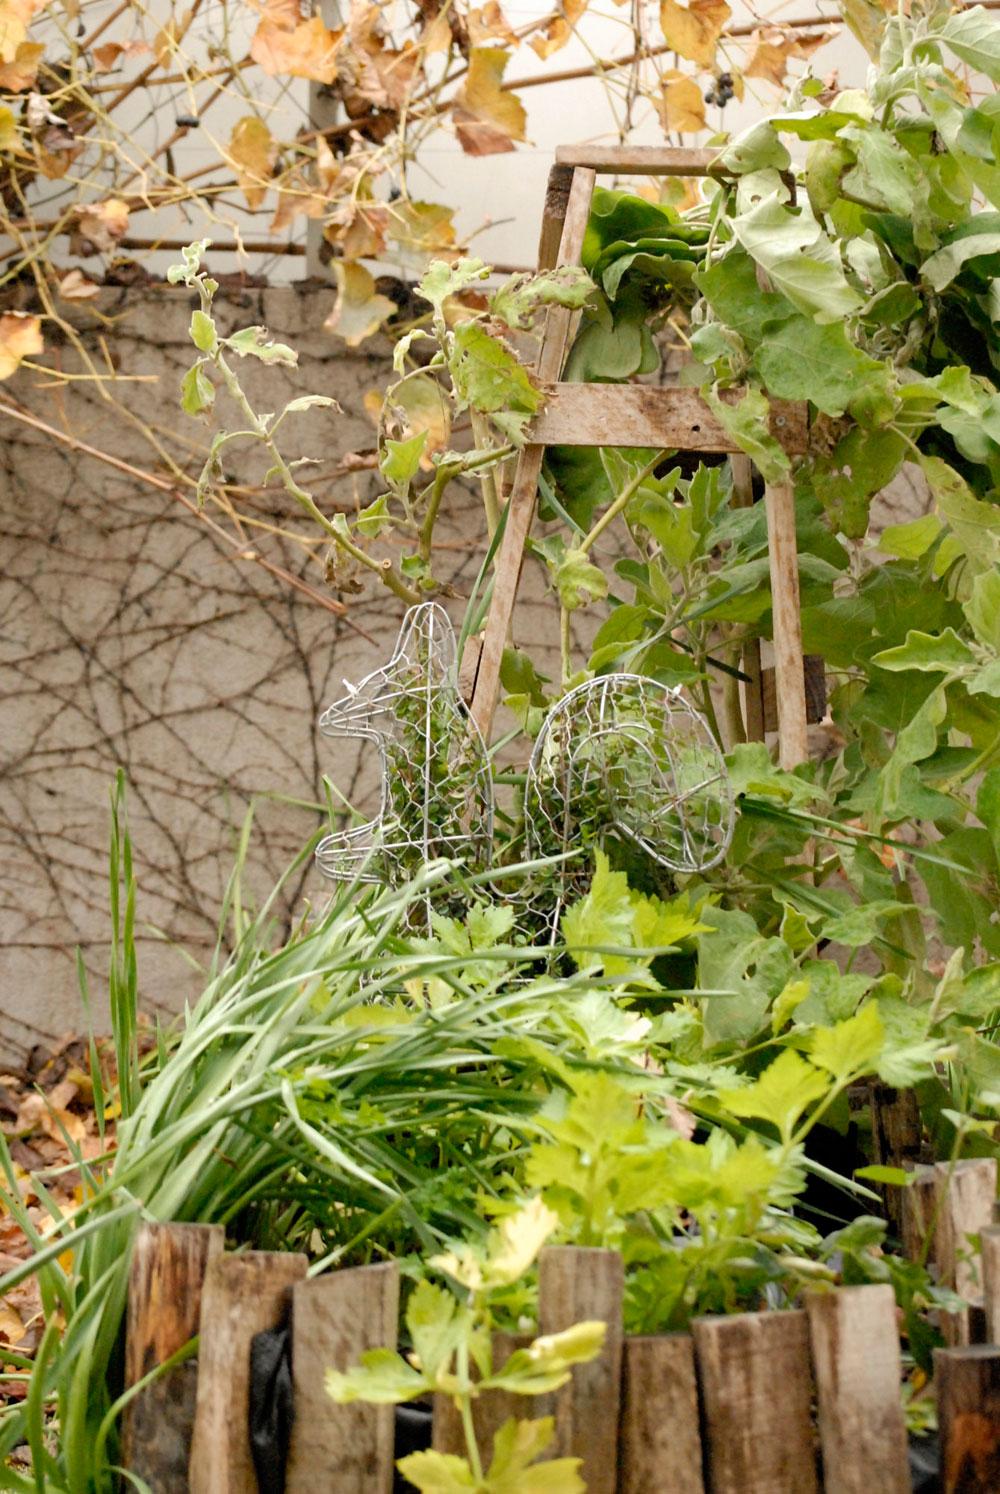 מסגרת סנאי מוכנה. הצמח גדל לתוך הצורה (צילום: שושן דגן )